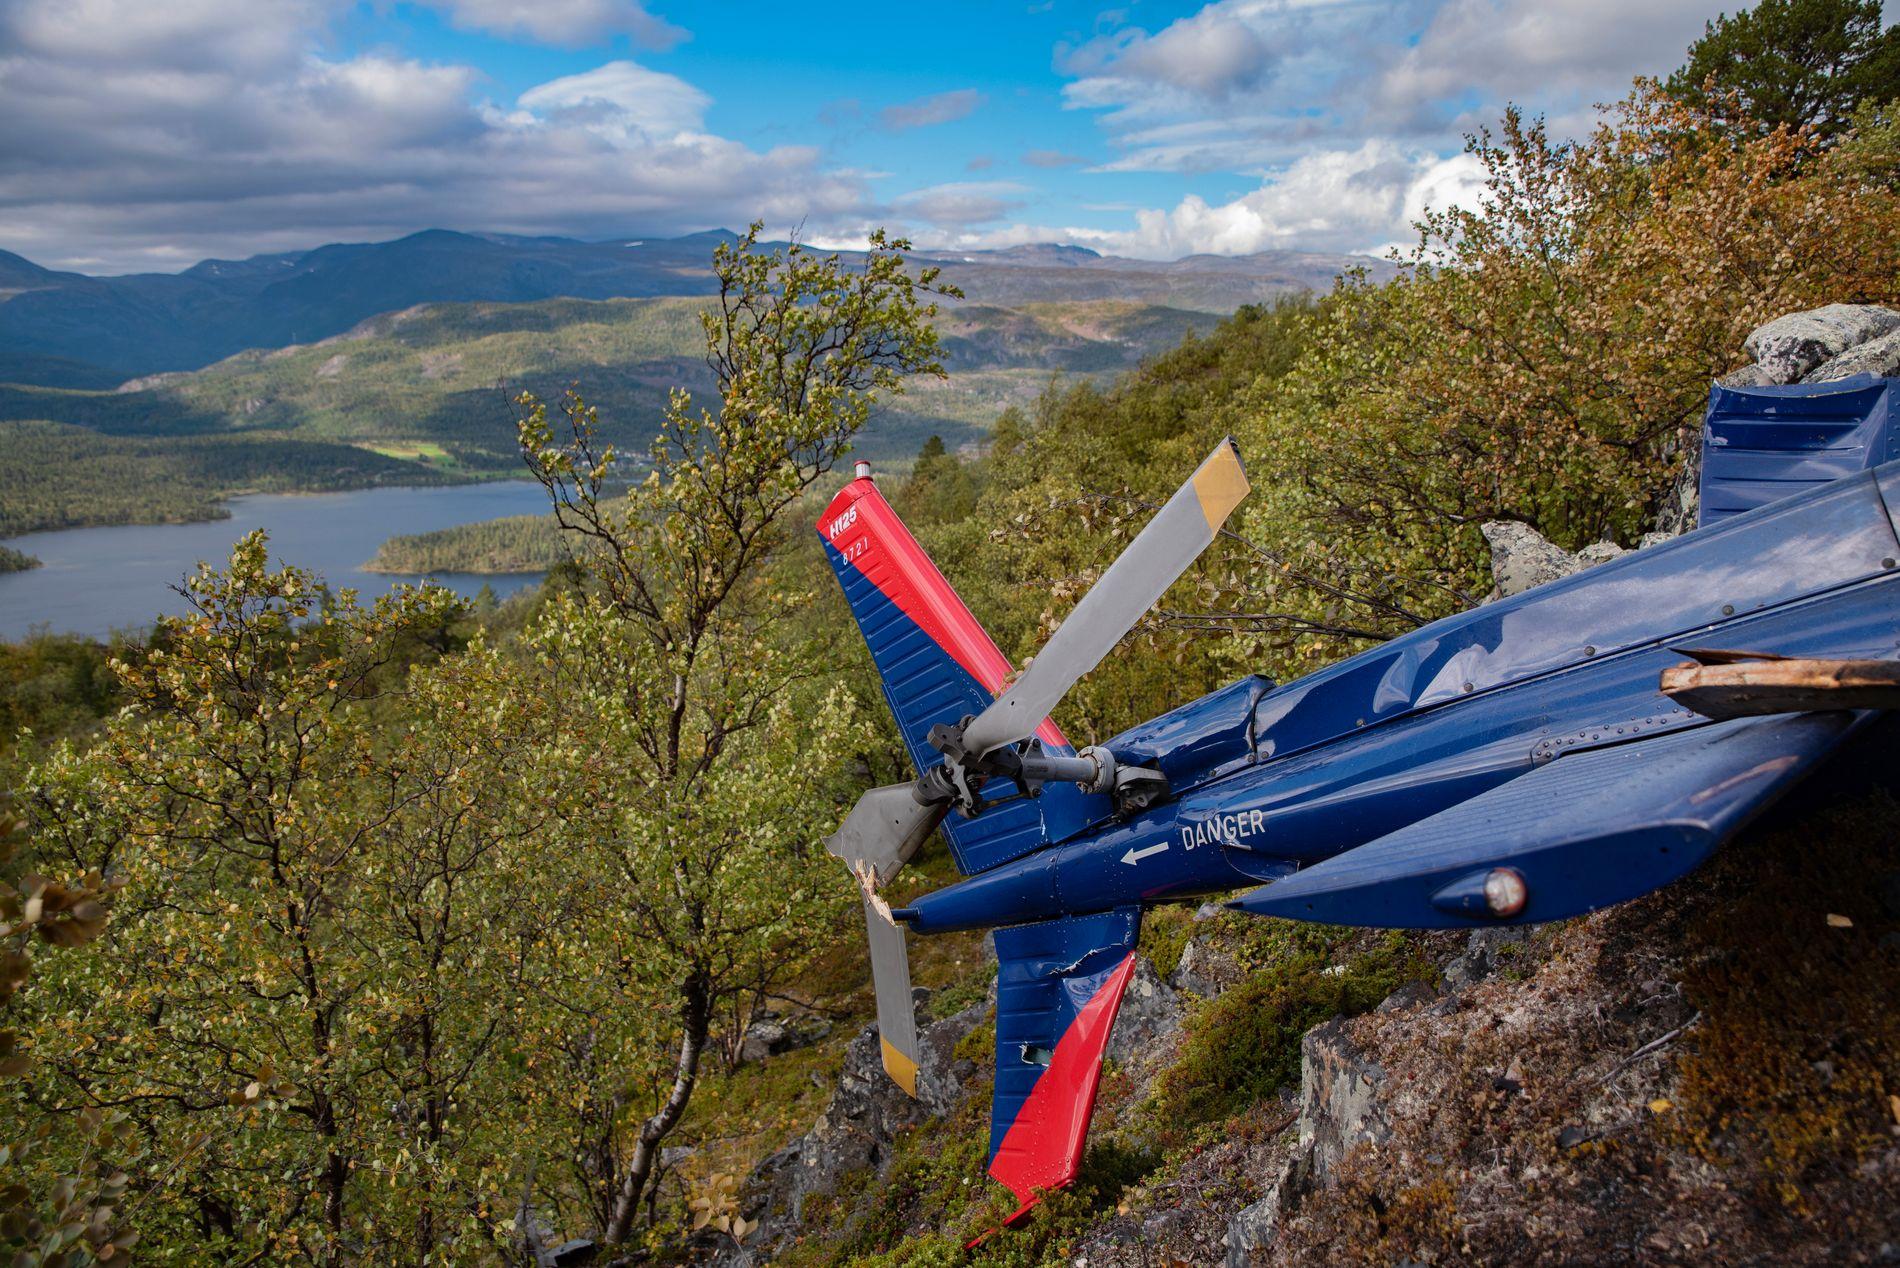 Vraket av helikopteret som lørdag havarerte i en fjellside i Alta kommune. Seks personer omkom i ulykken. Foto: Tom Skoglund / Altaposten / NTB scanpix